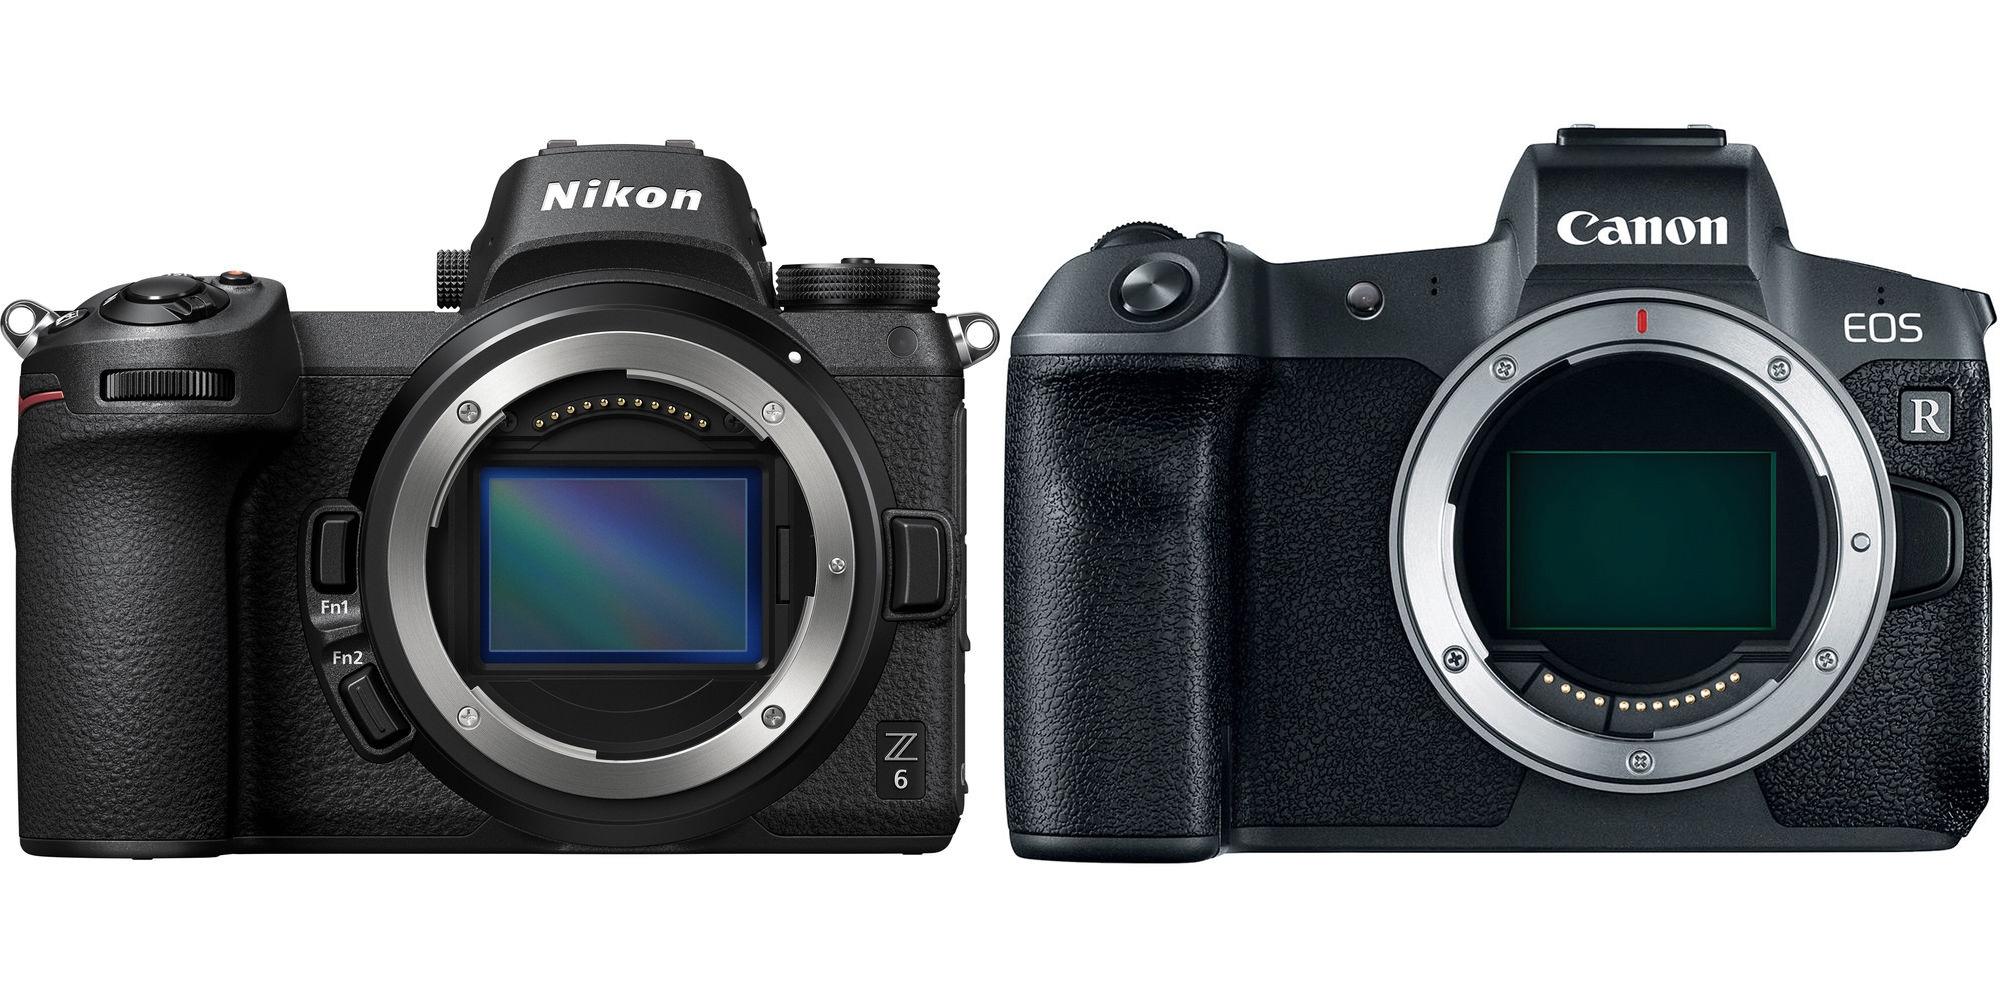 Nikon Z6 or Canon EOS R?